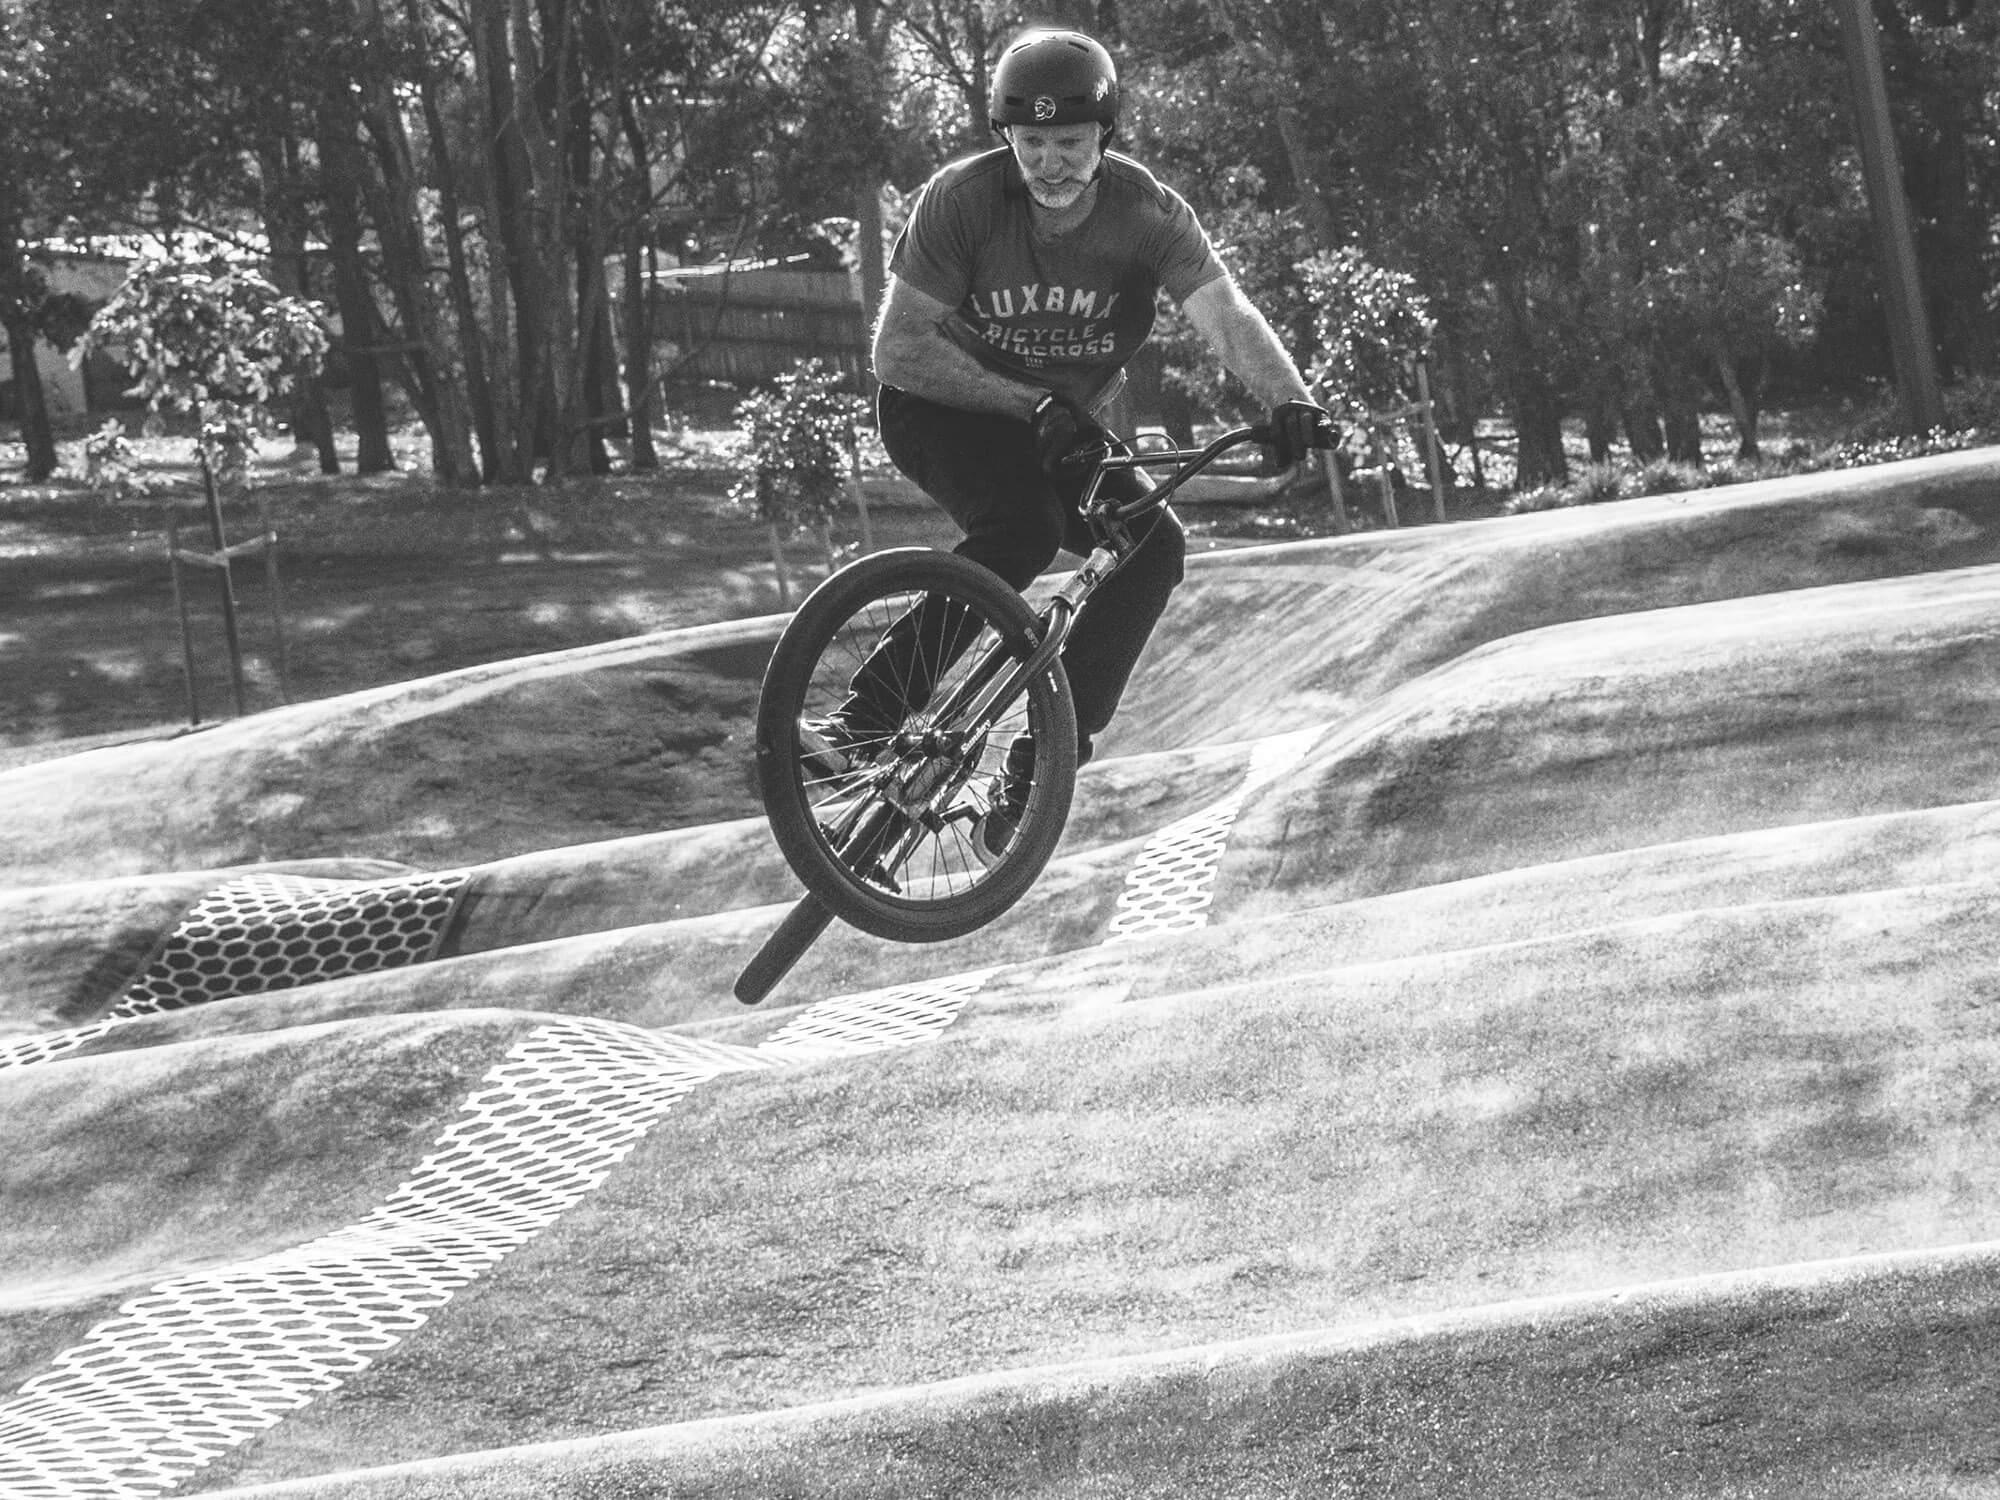 Darra Pump Track - Brisbane Australia - Bruce Morris